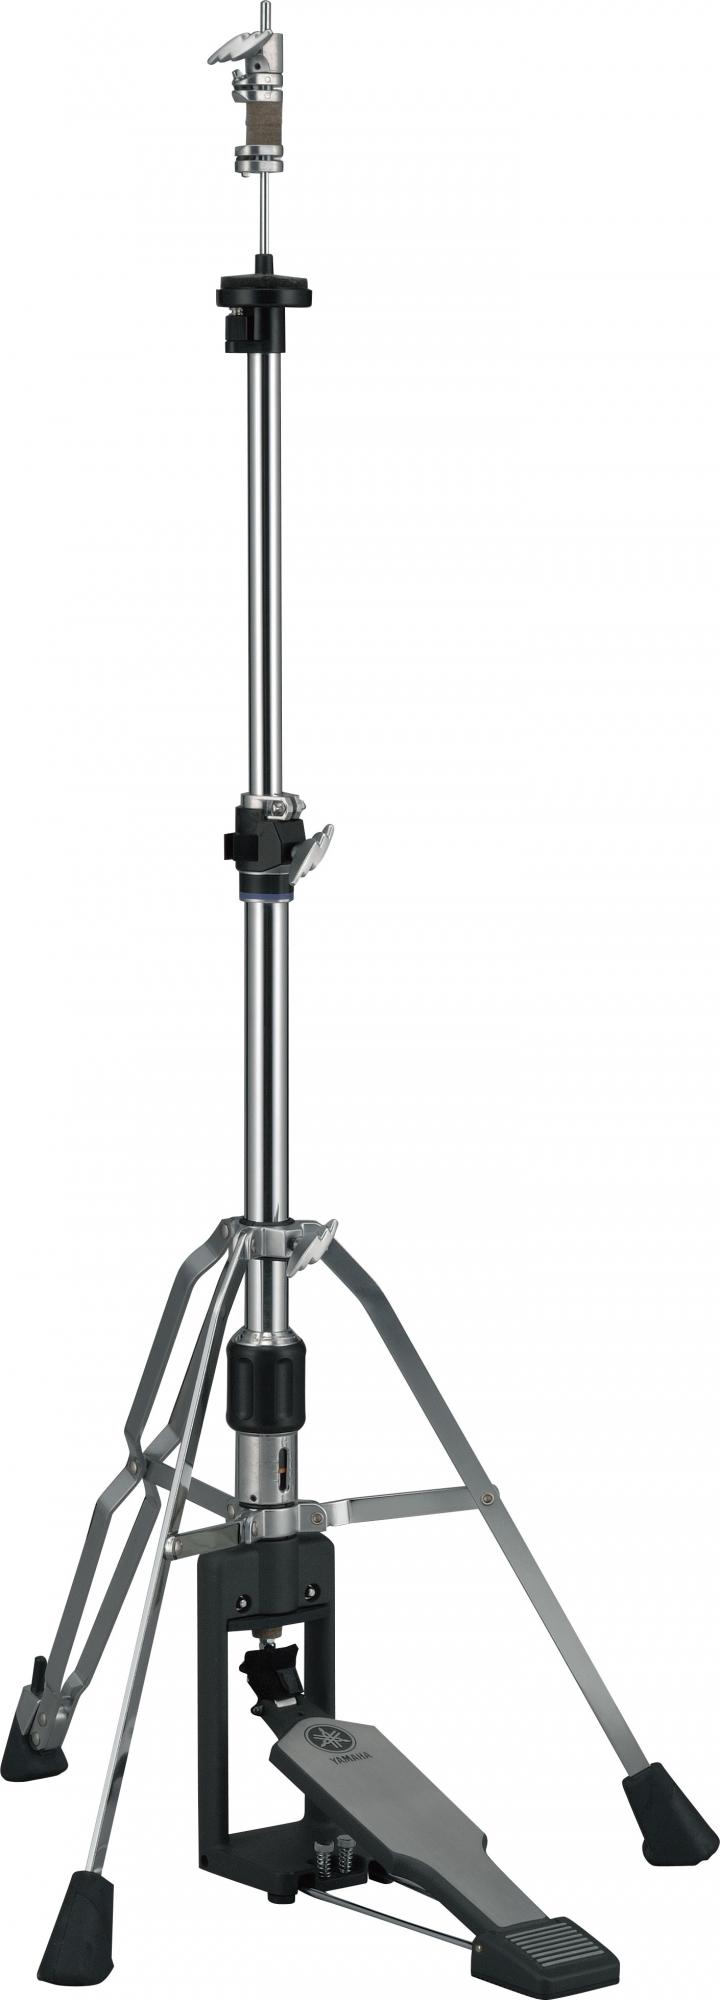 Image of   Yamaha HS1200 Hi-hat stativ